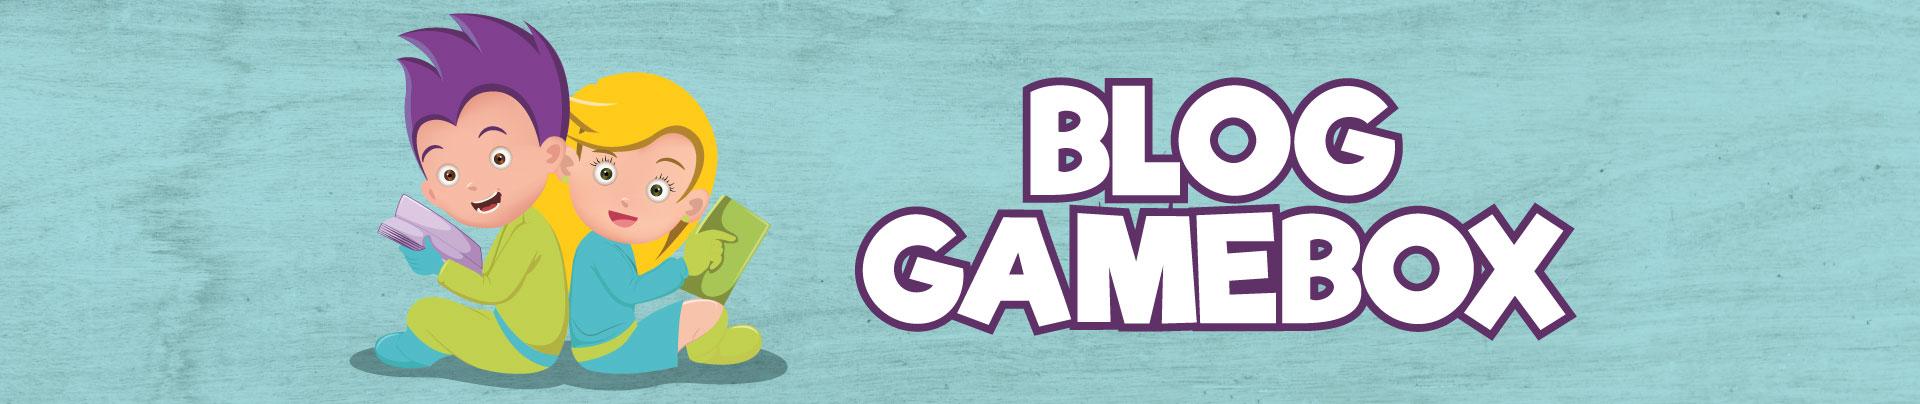 ENCABEZADO-PRINCIPAL-BLOG-GAMEBOX